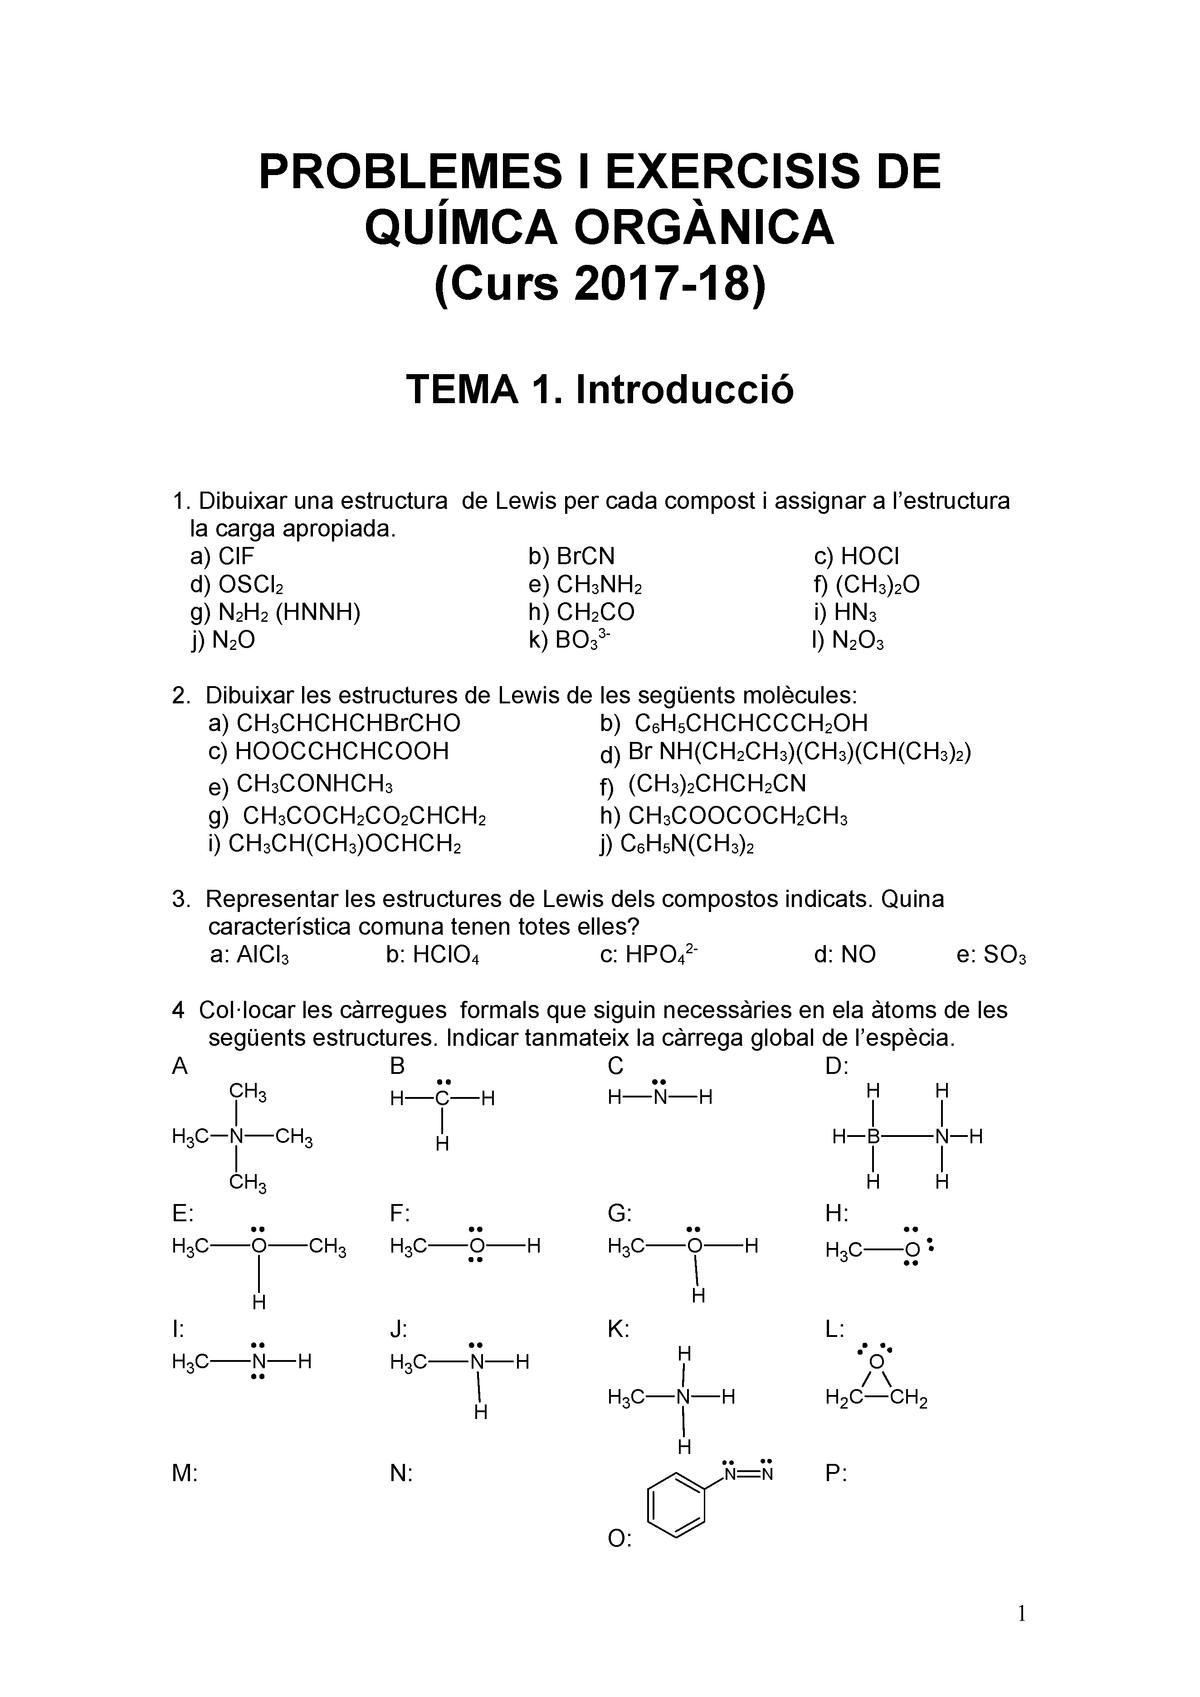 Problemes Químca Orgànica 2017 18 Udl Studocu